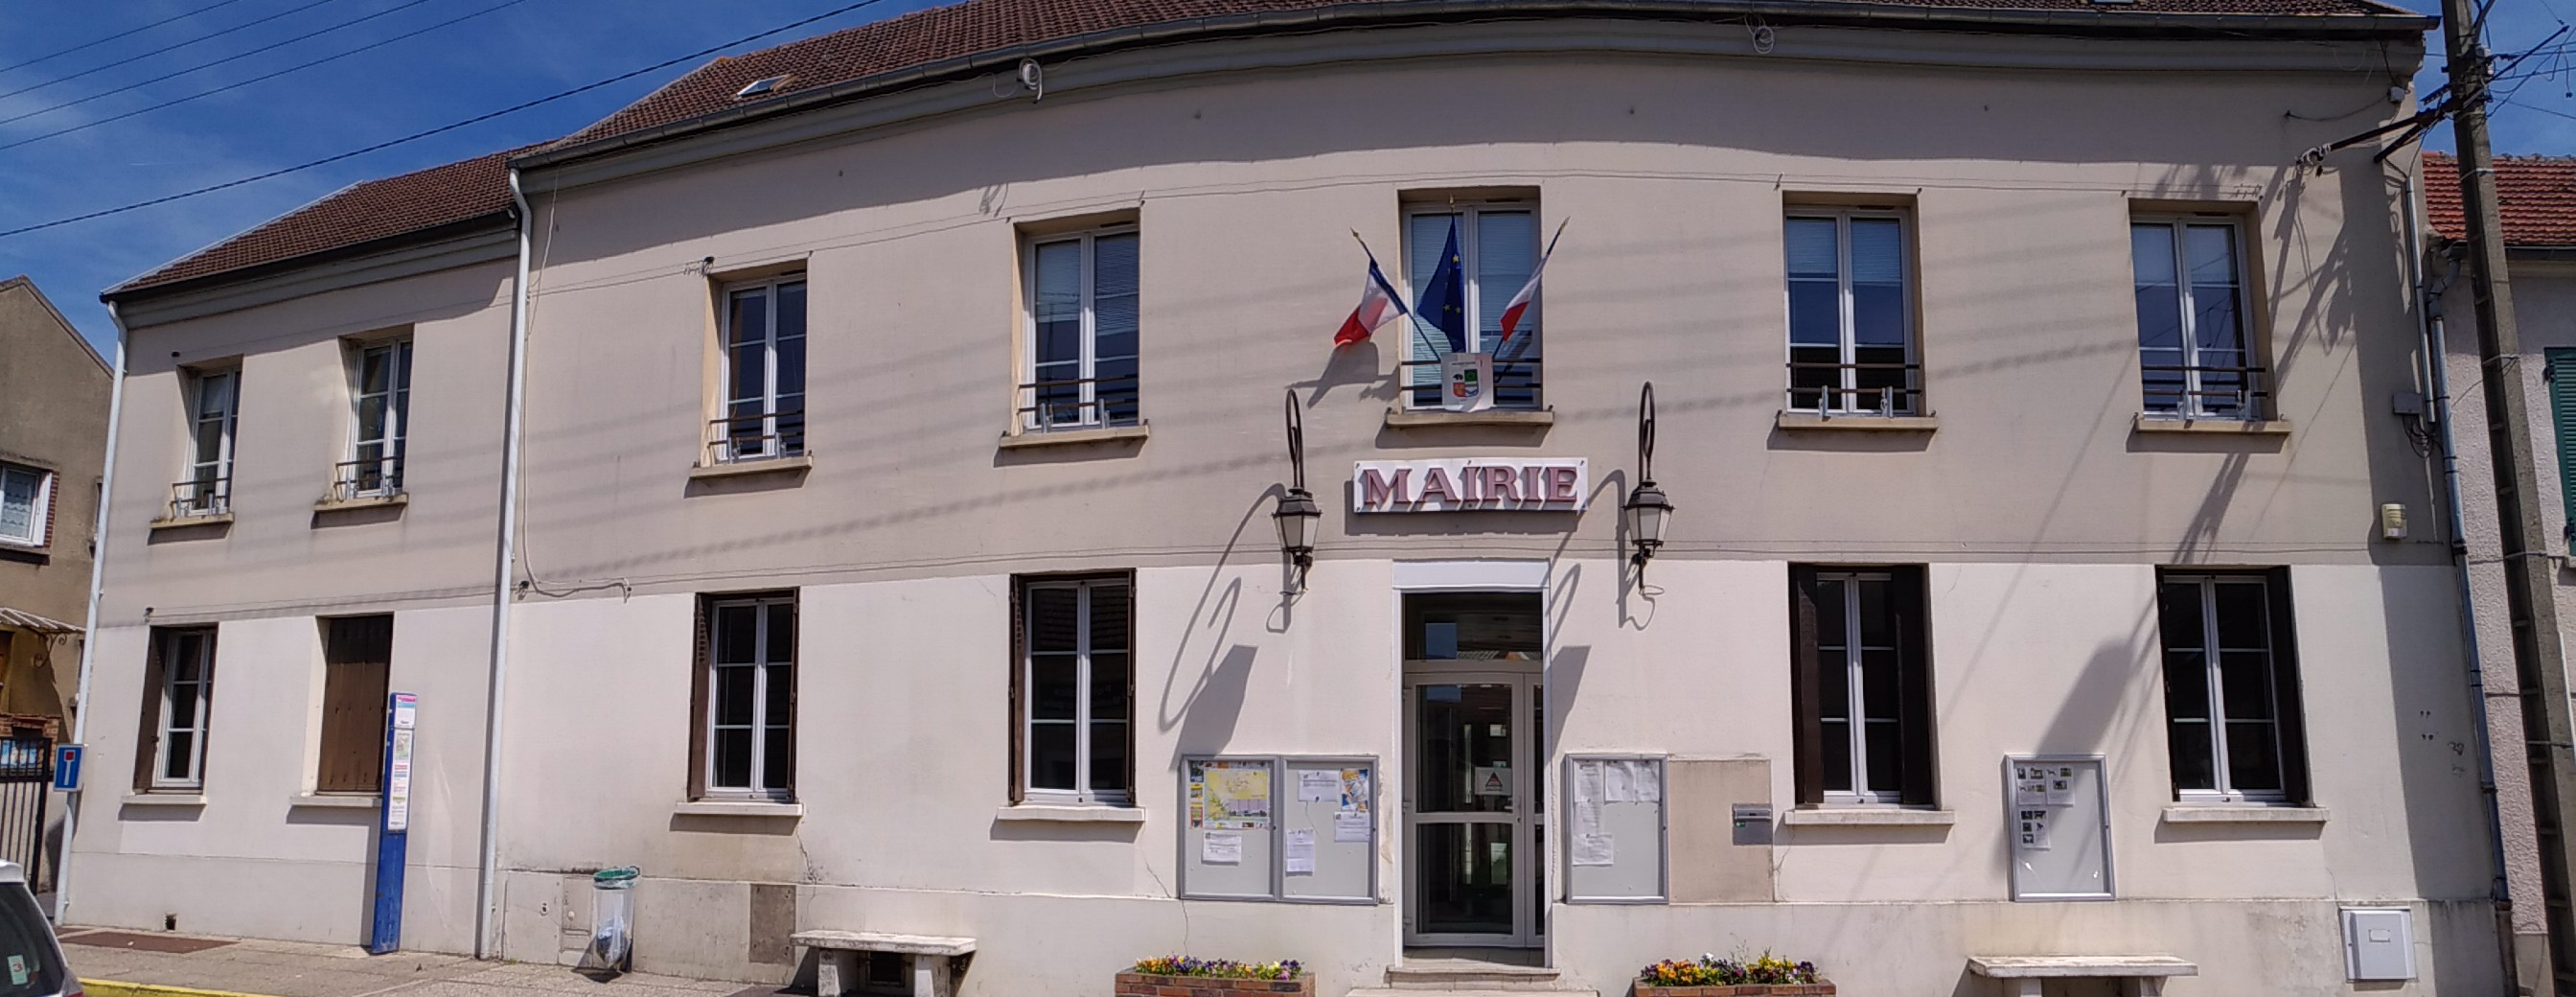 Panoramique-Mairie